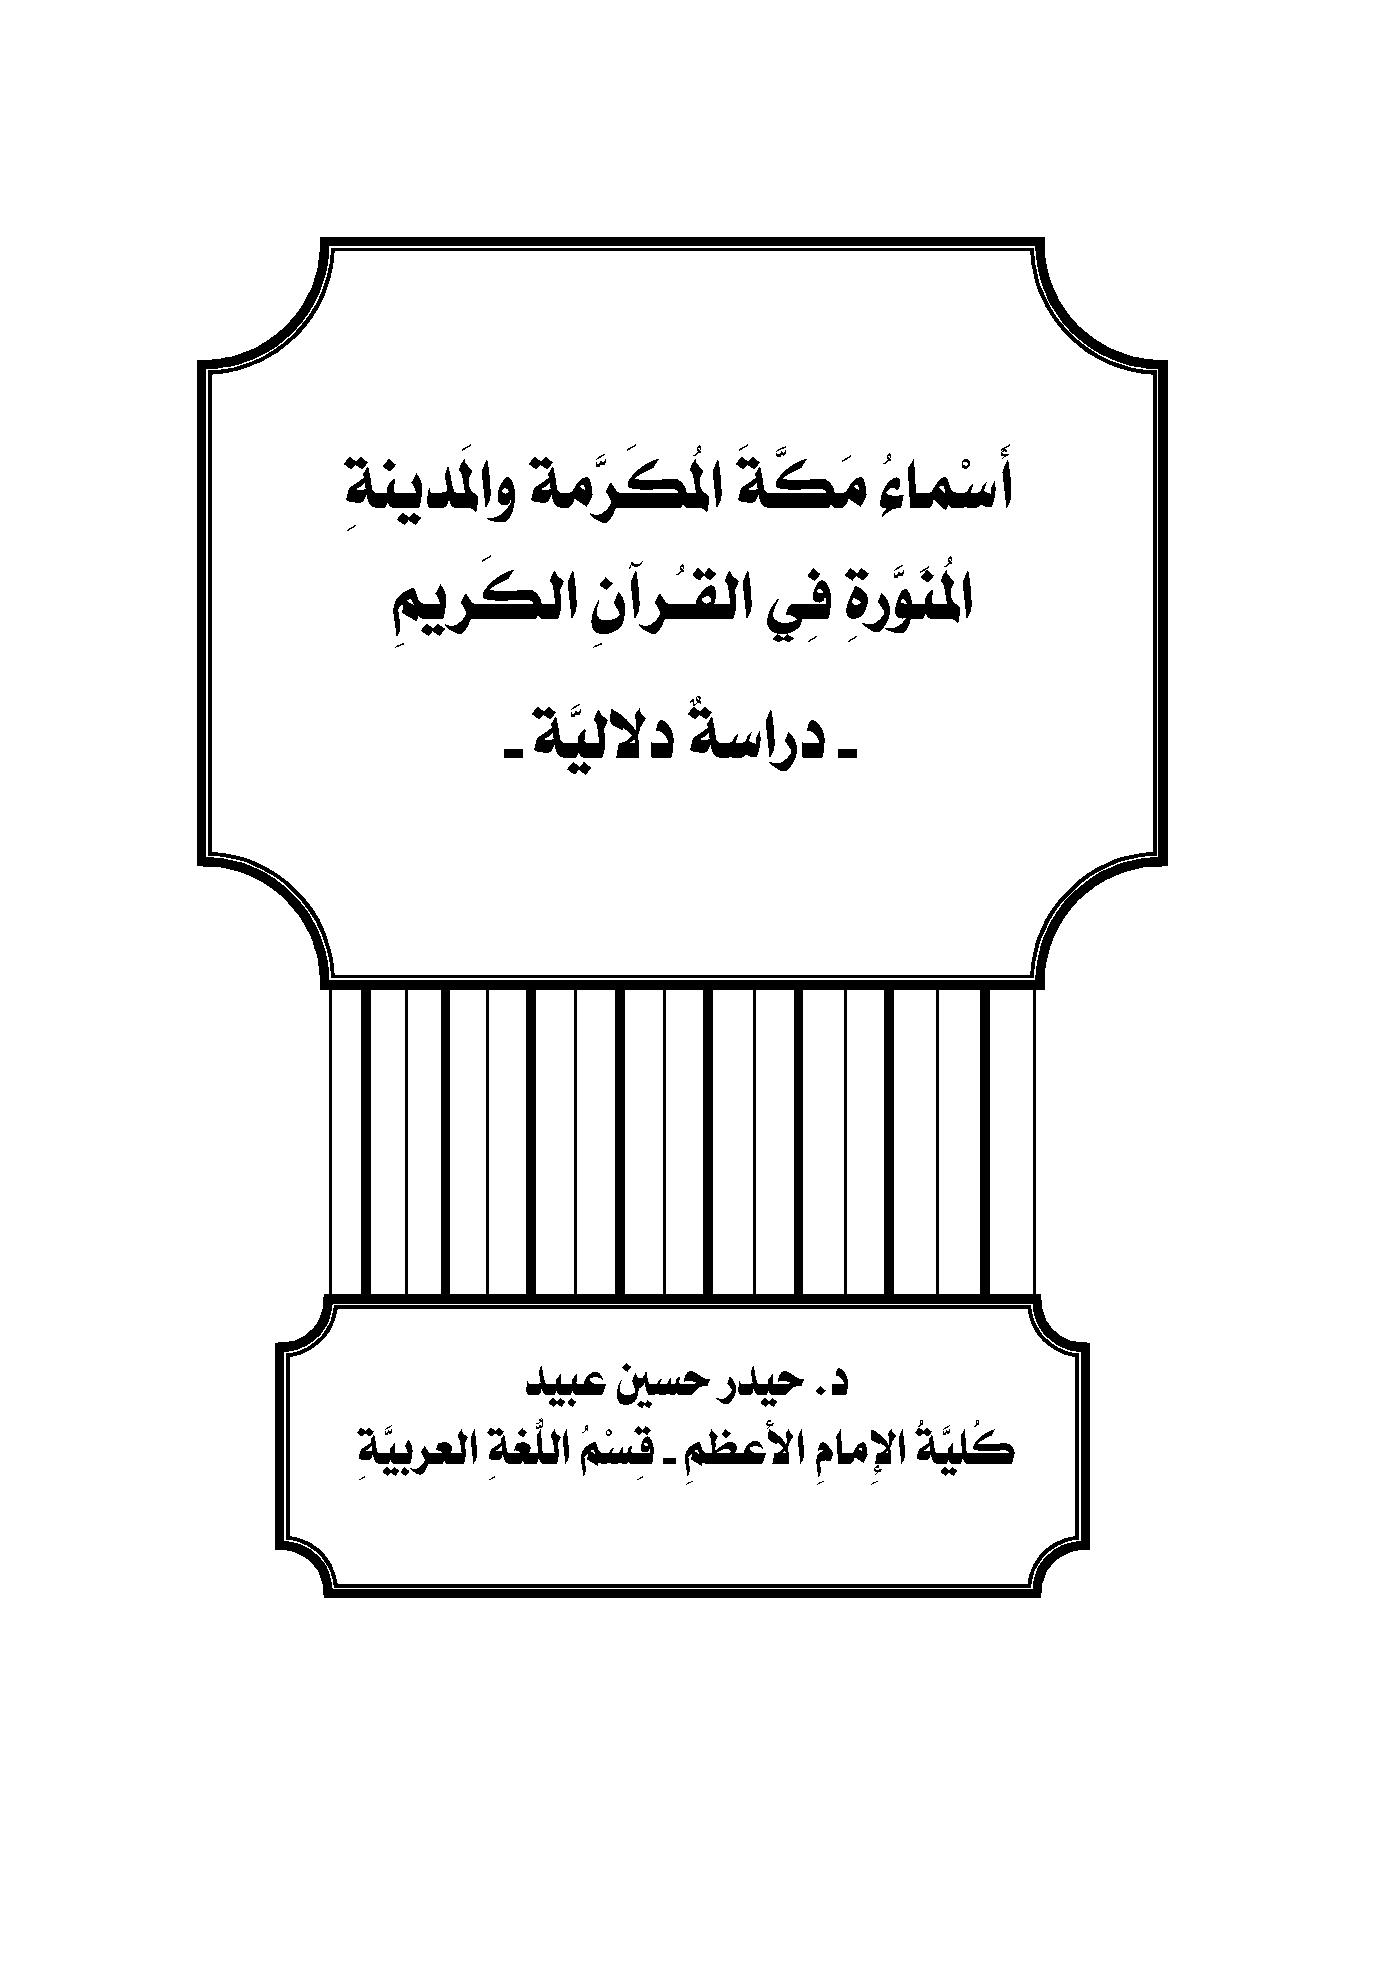 تحميل كتاب أسماء مكة المكرمة والمدينة المنورة في القرآن الكريم (دراسة دلالية) لـِ: الدكتور حيدر حسين عبيد